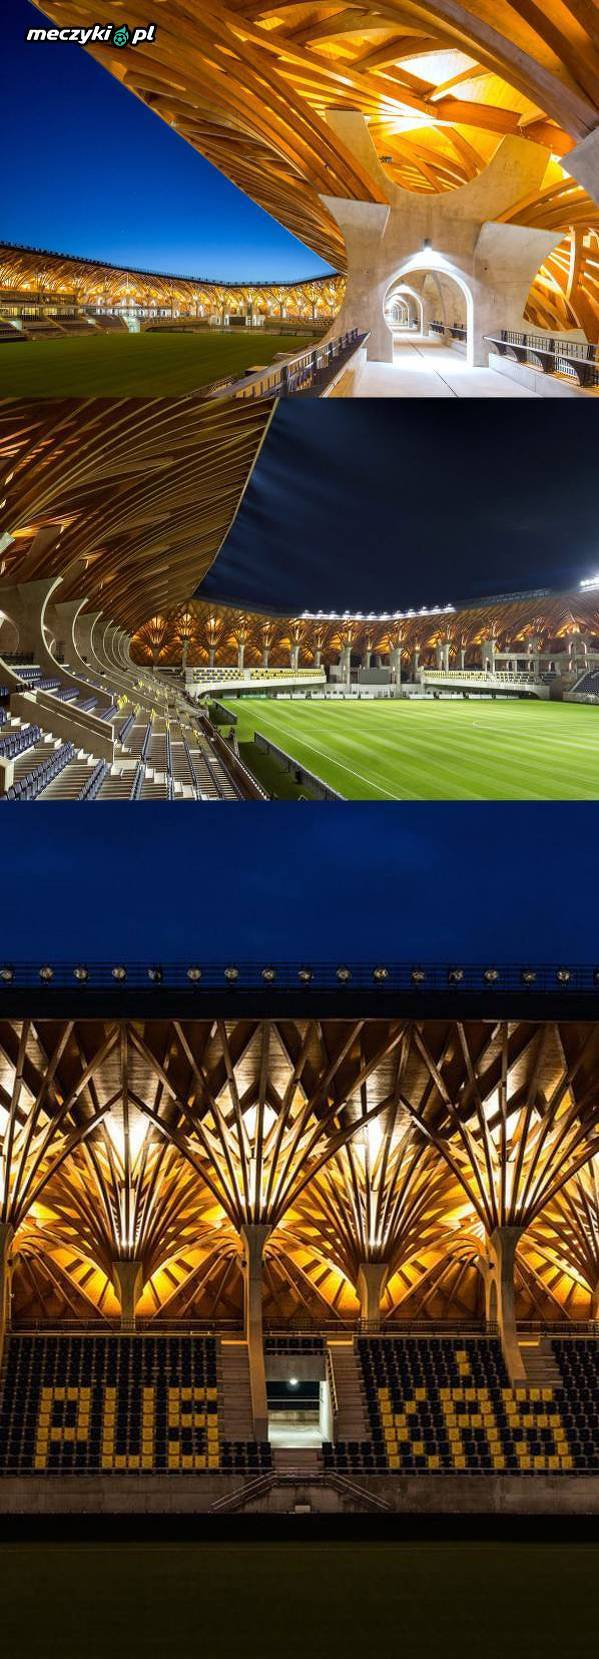 Niesamowity stadion na Węgrzech